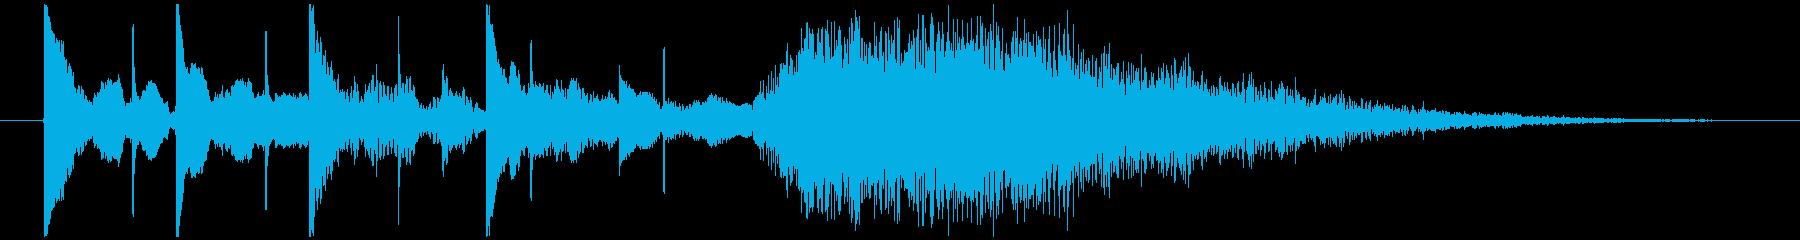 シンプルなデジタルエレクトロニクス系ロゴの再生済みの波形